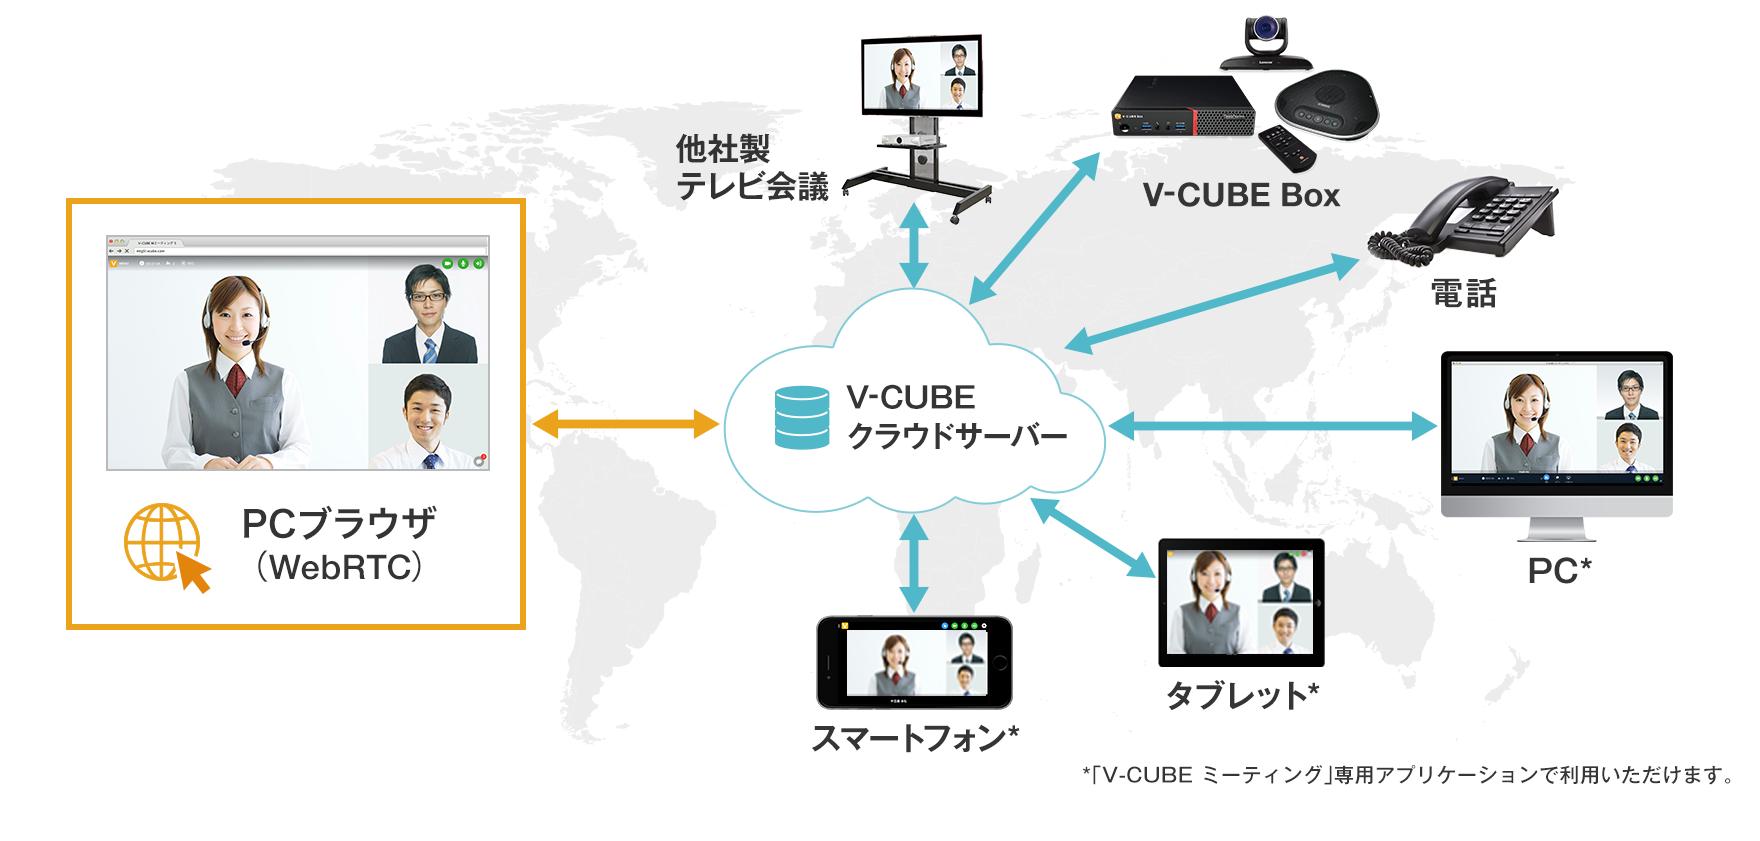 WebRTCに対応したV-CUBE ミーティング のブラウザ版